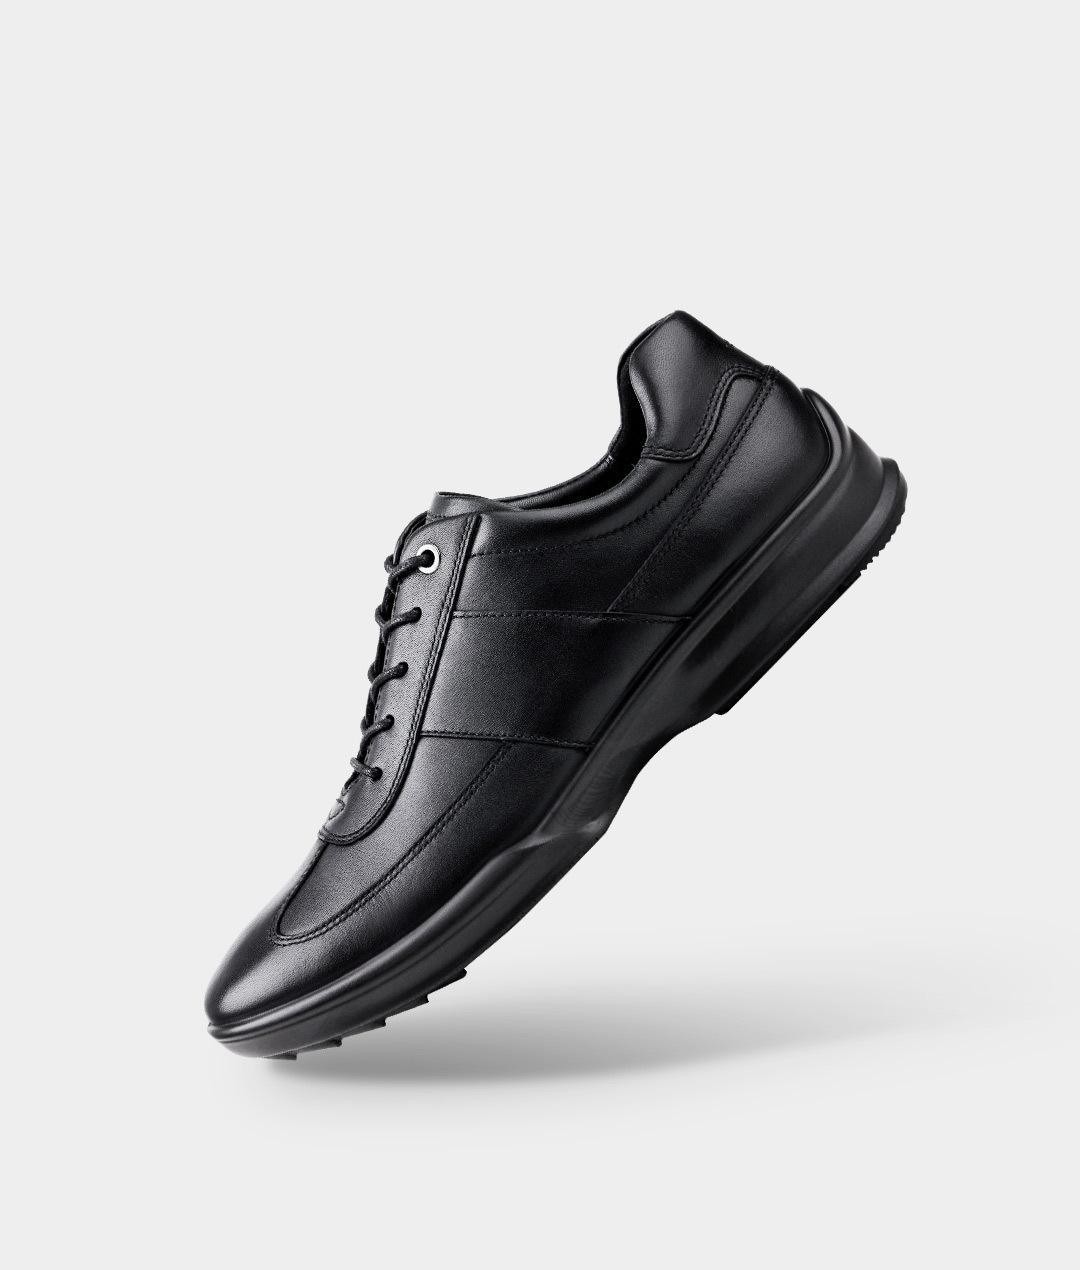 YOUPIN 小米有品 男士七面一体成型运动皮鞋